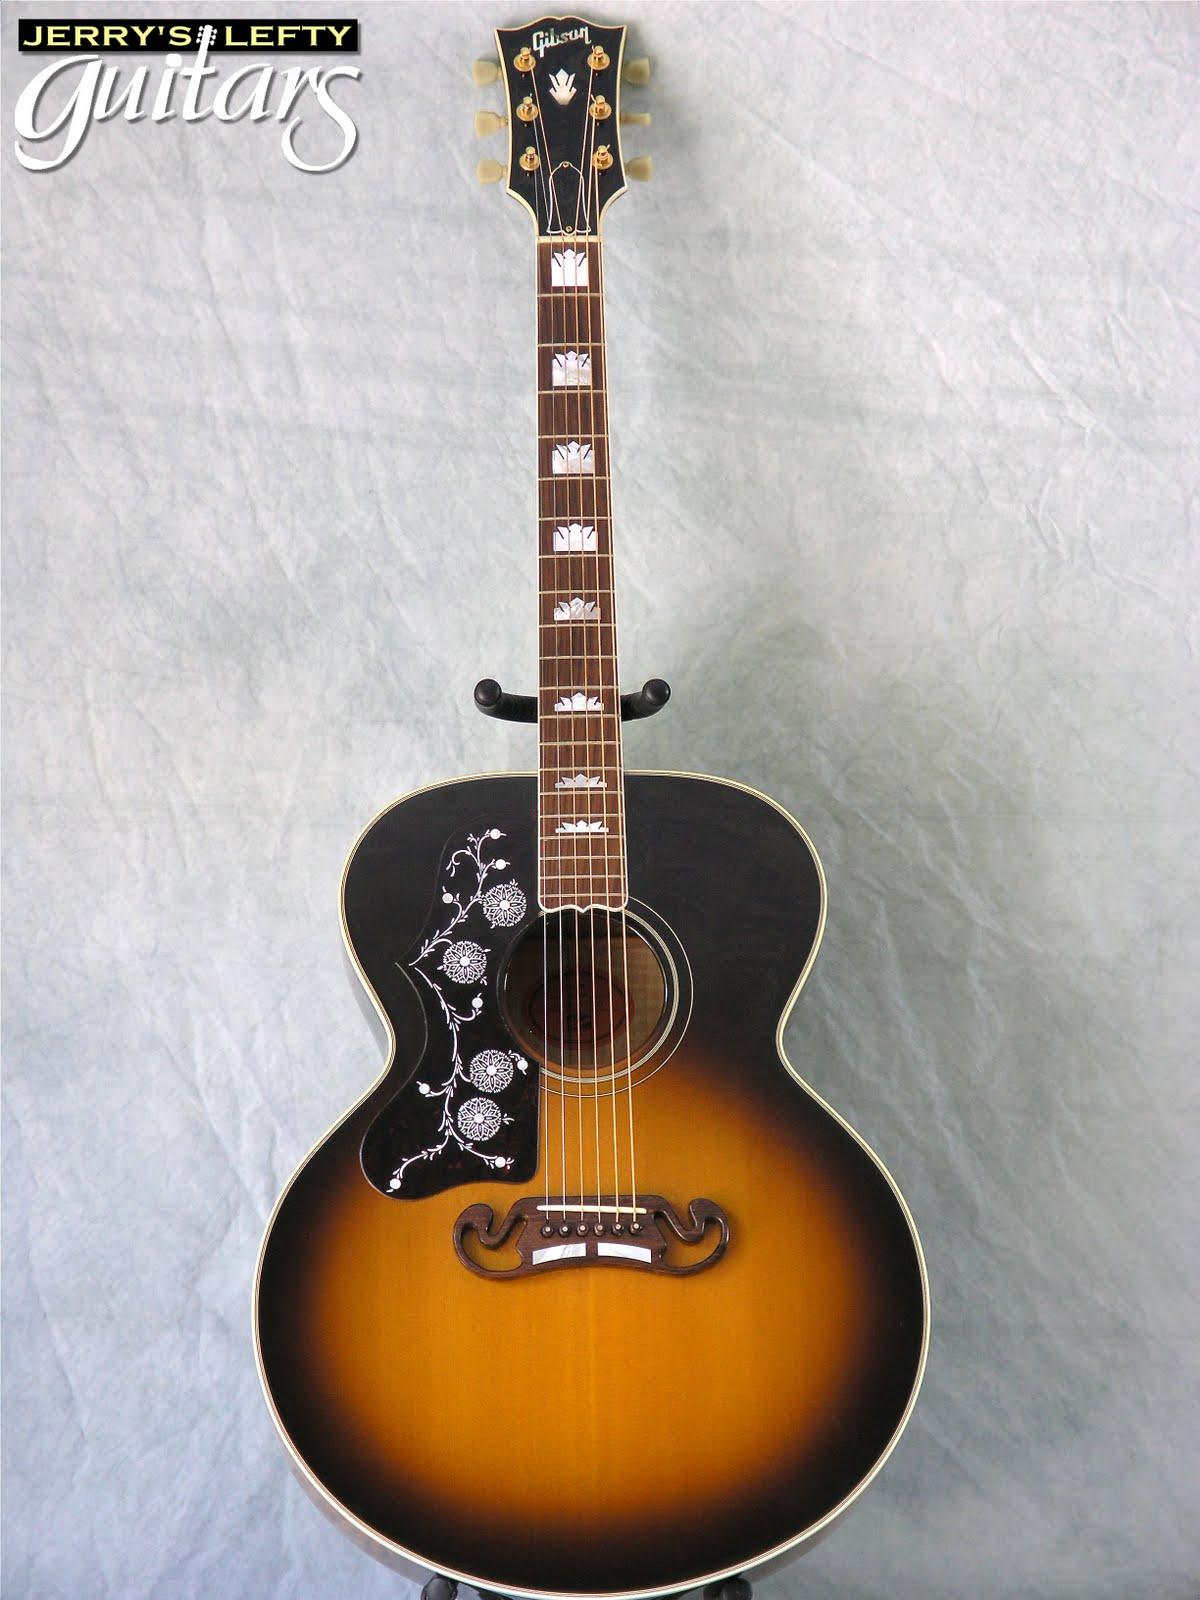 jerry 39 s lefty guitars newest guitar arrivals updated weekly gibson j200 sunburst left handed. Black Bedroom Furniture Sets. Home Design Ideas